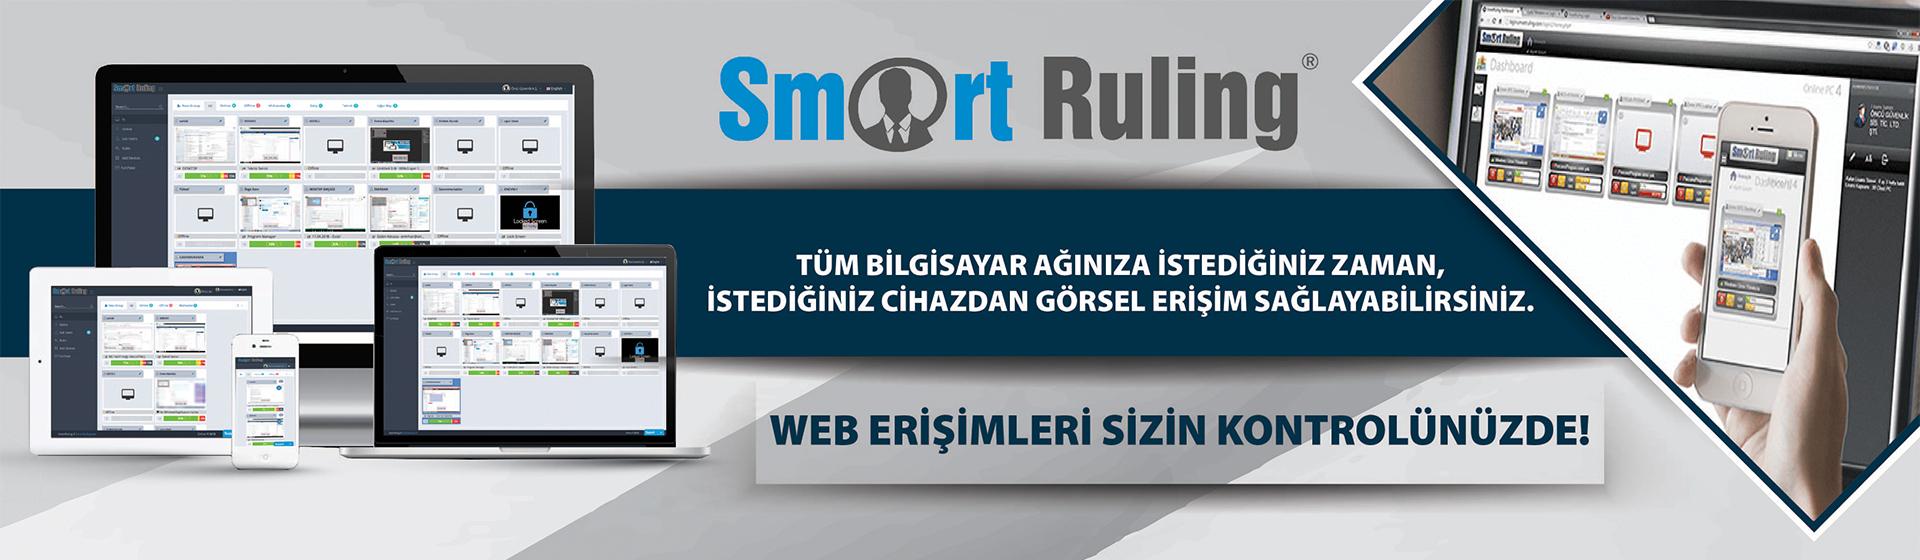 SmartRuling